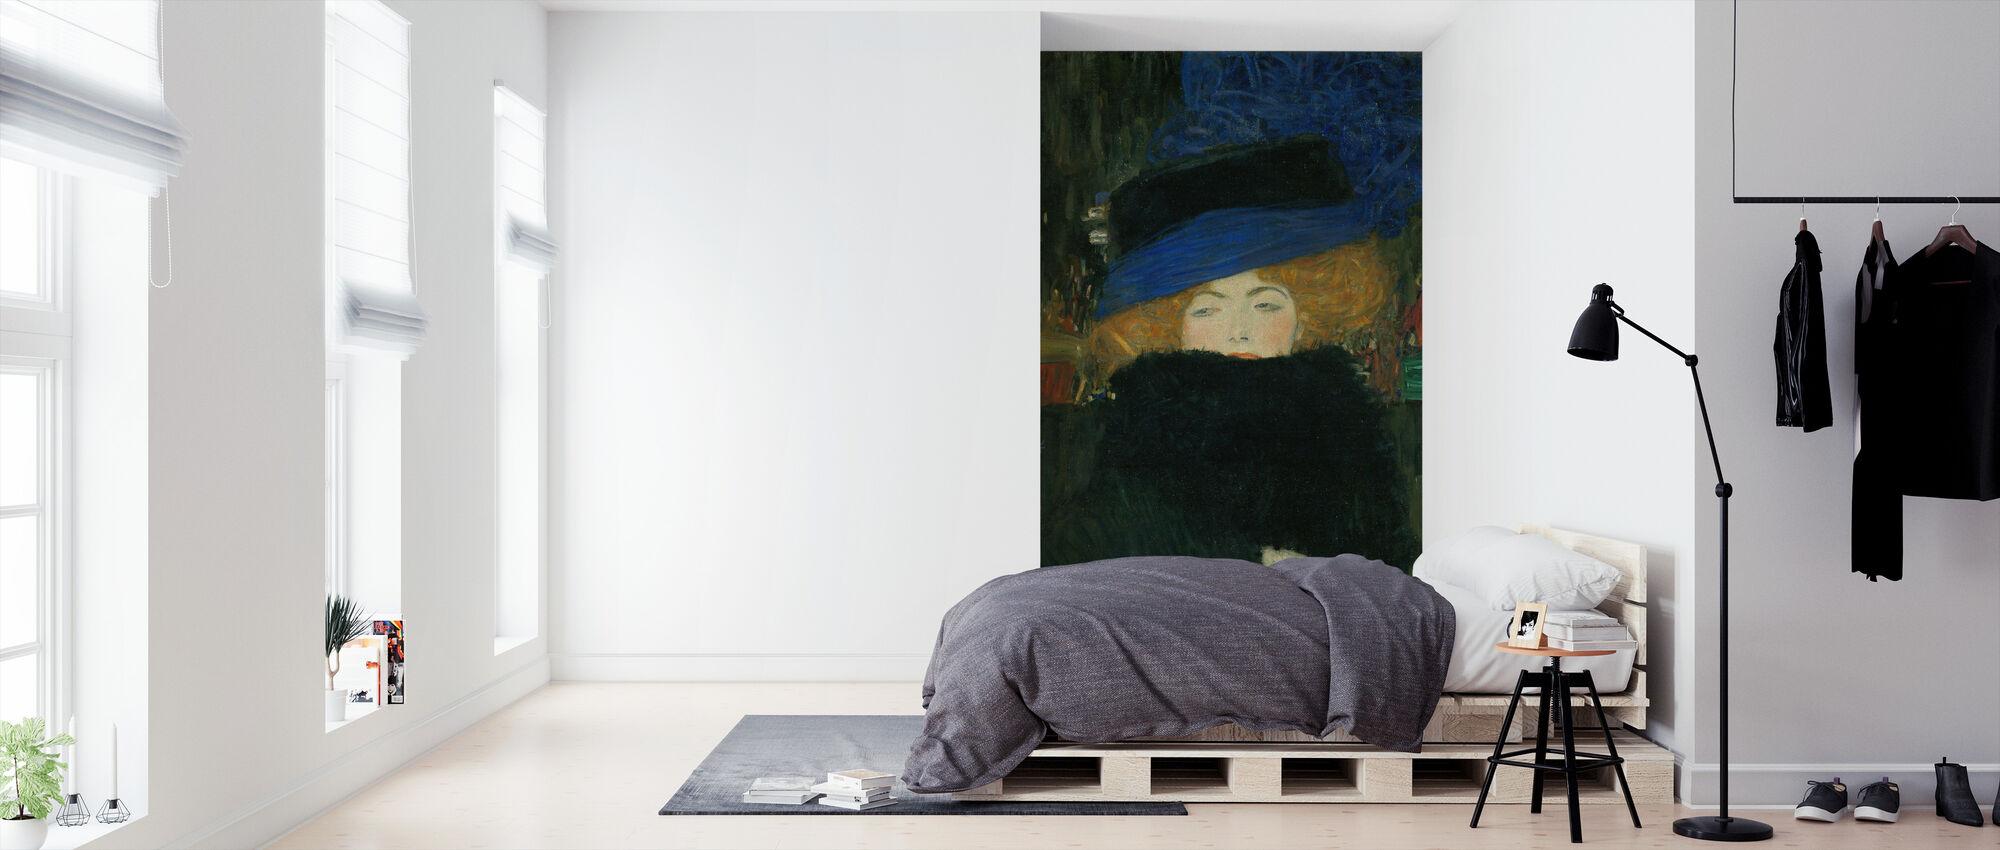 Dame met Hoed en Veer Boa - Gustav Klimt - Behang - Slaapkamer